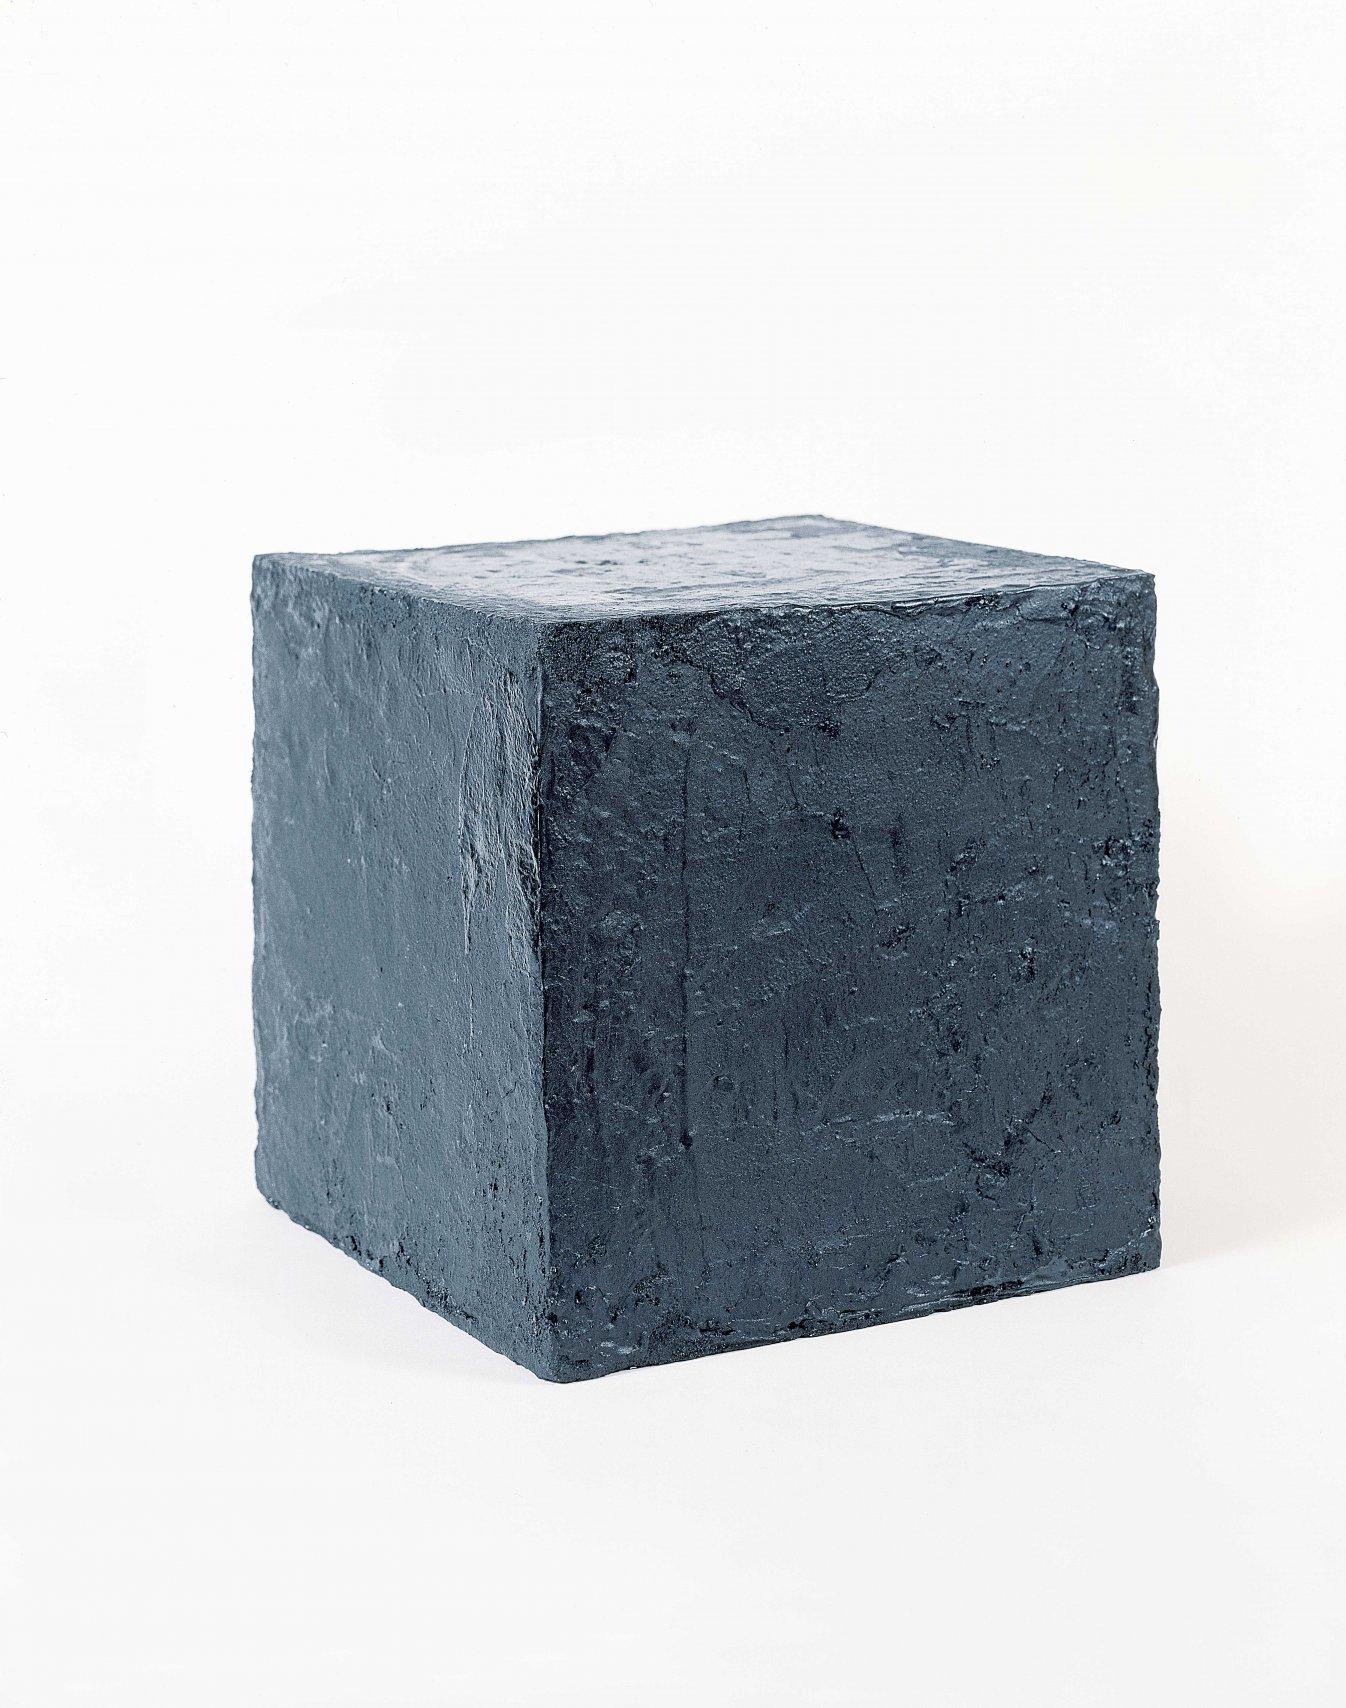 Black Cube (1998) - Eduardo Costa